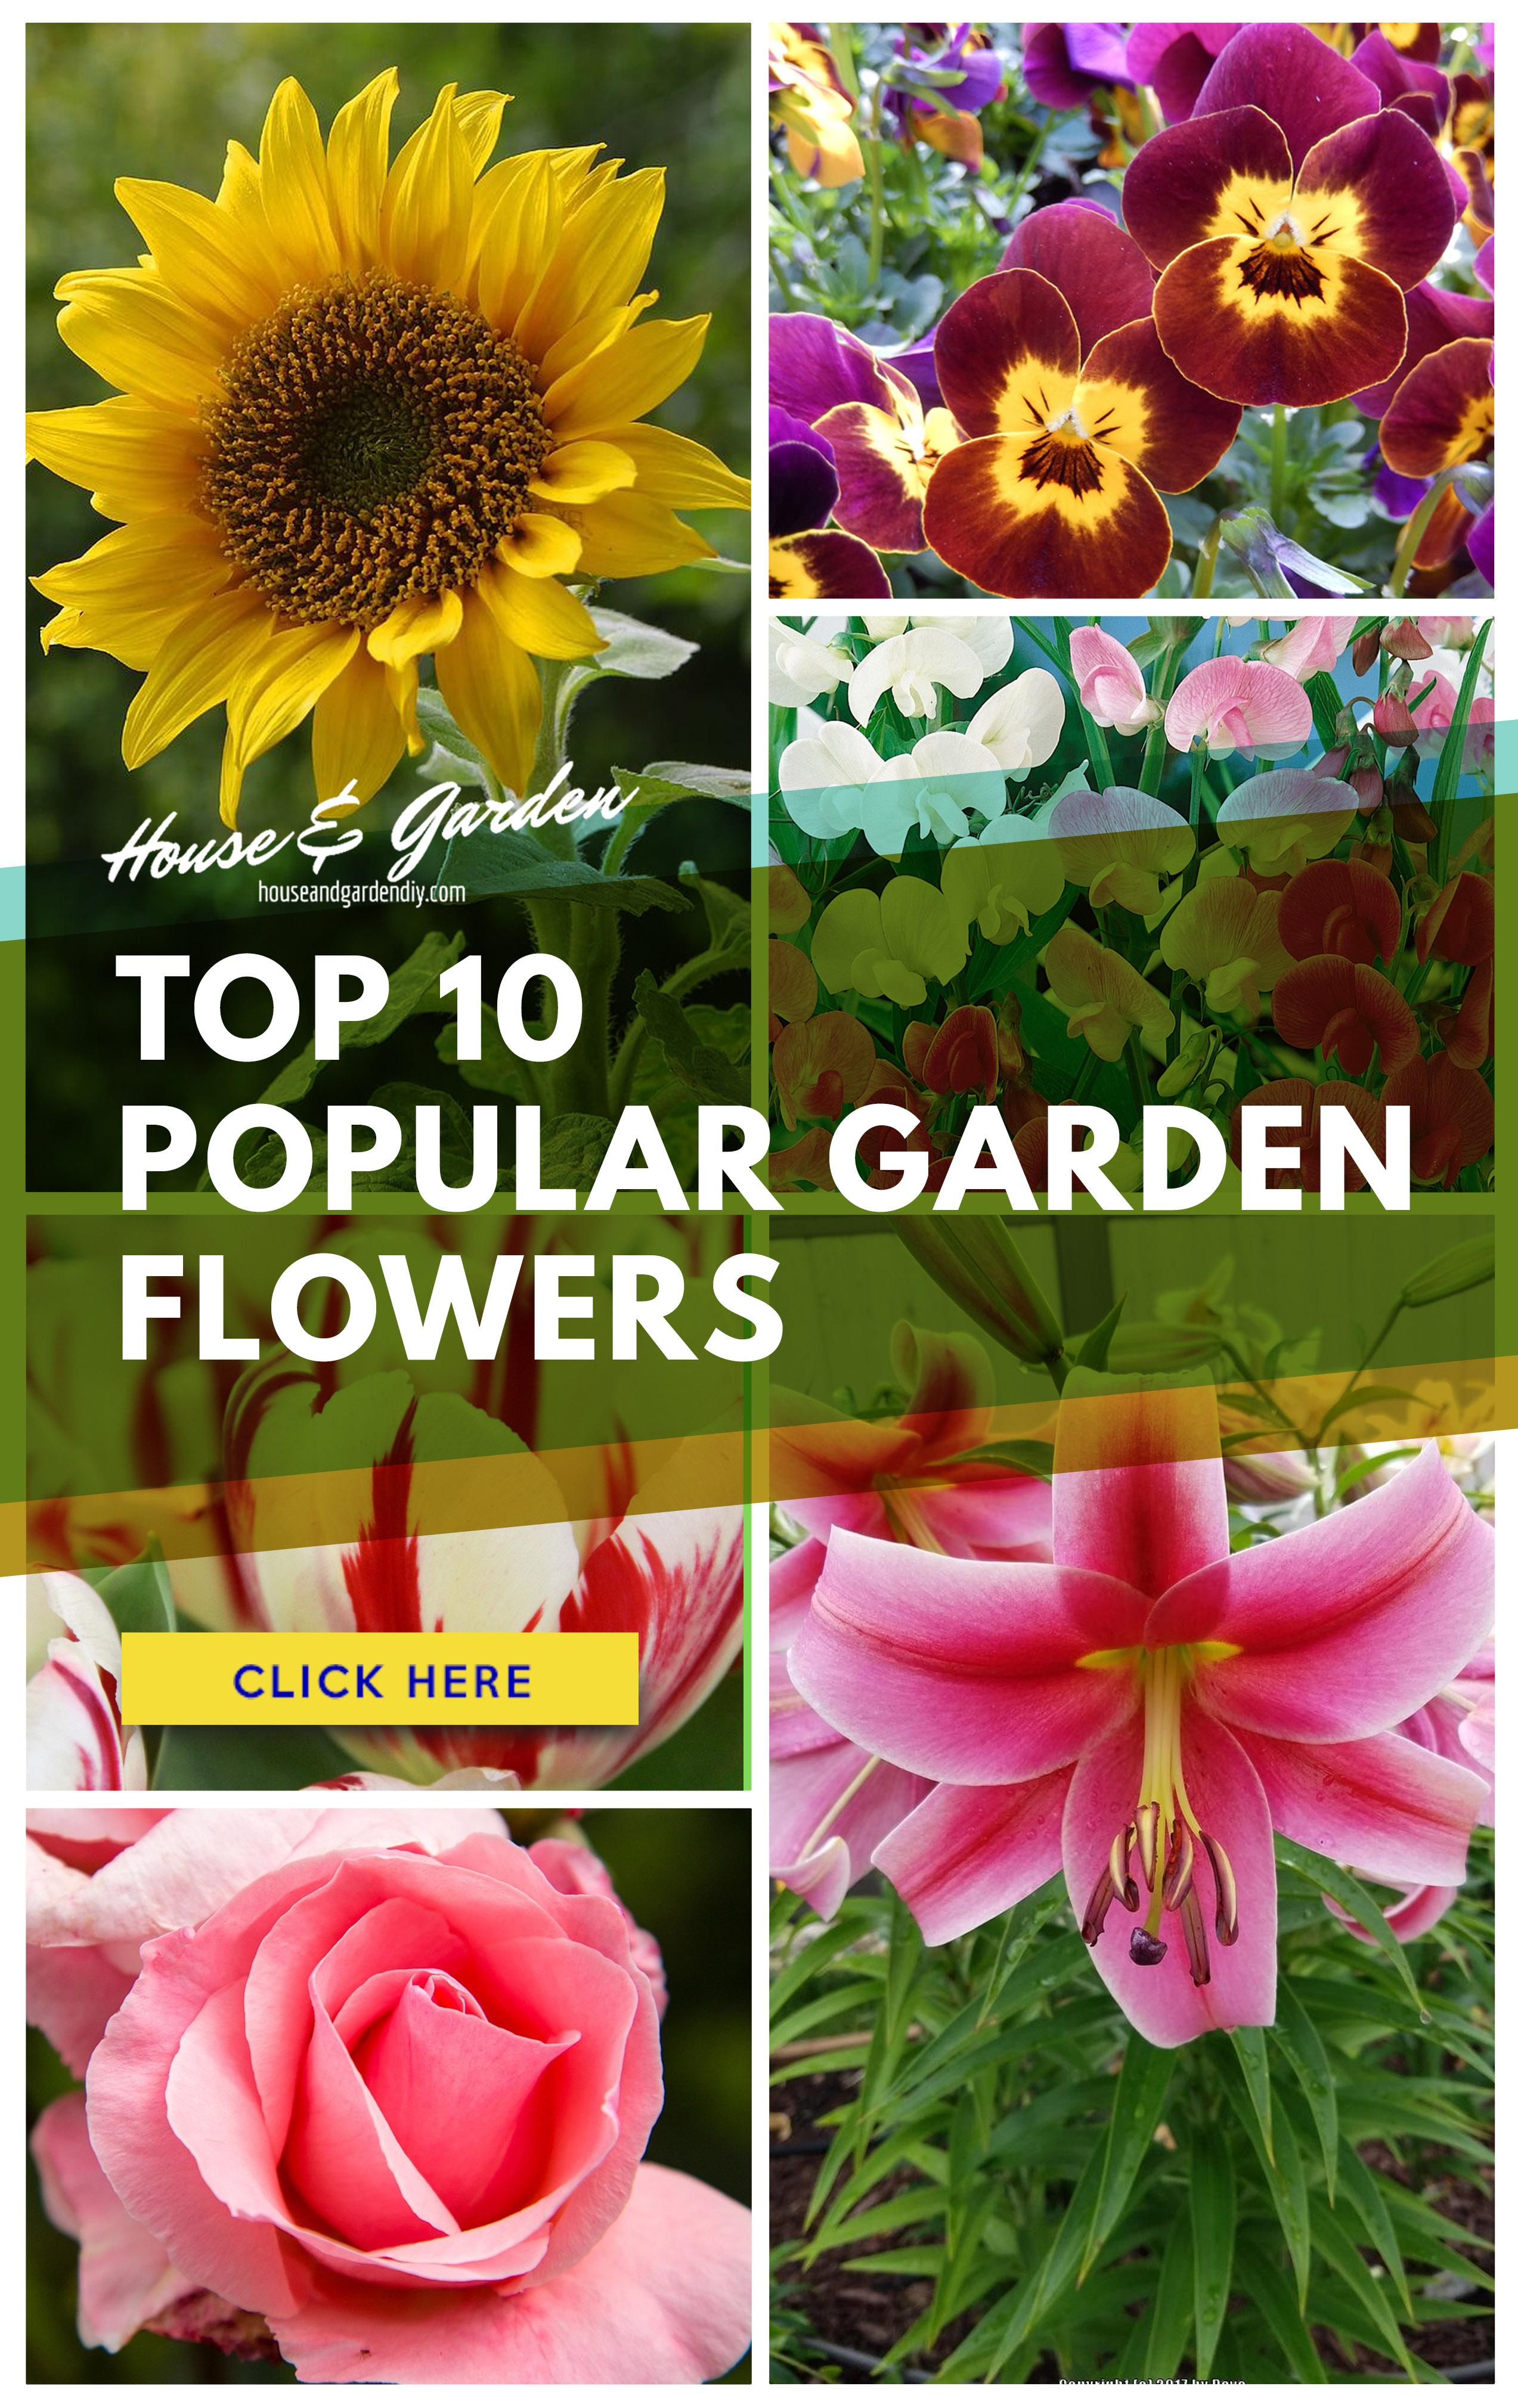 23+ flower garden ideas 2019 (how to plan for beginner & popular